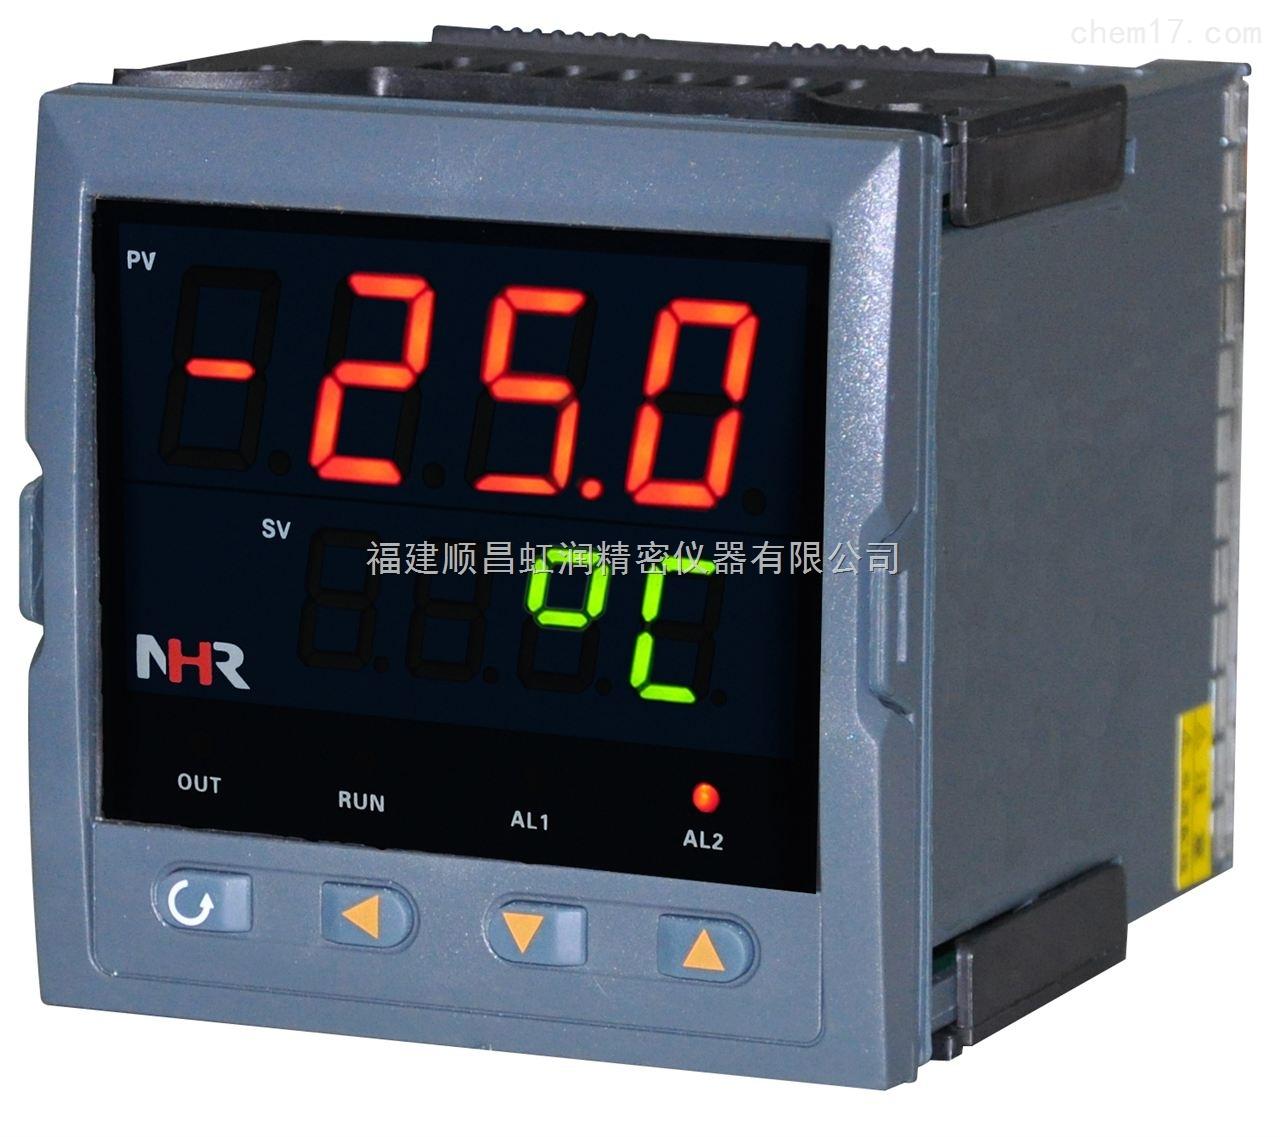 虹润公司NHR-1100系列简易型单回路数字显示控制仪